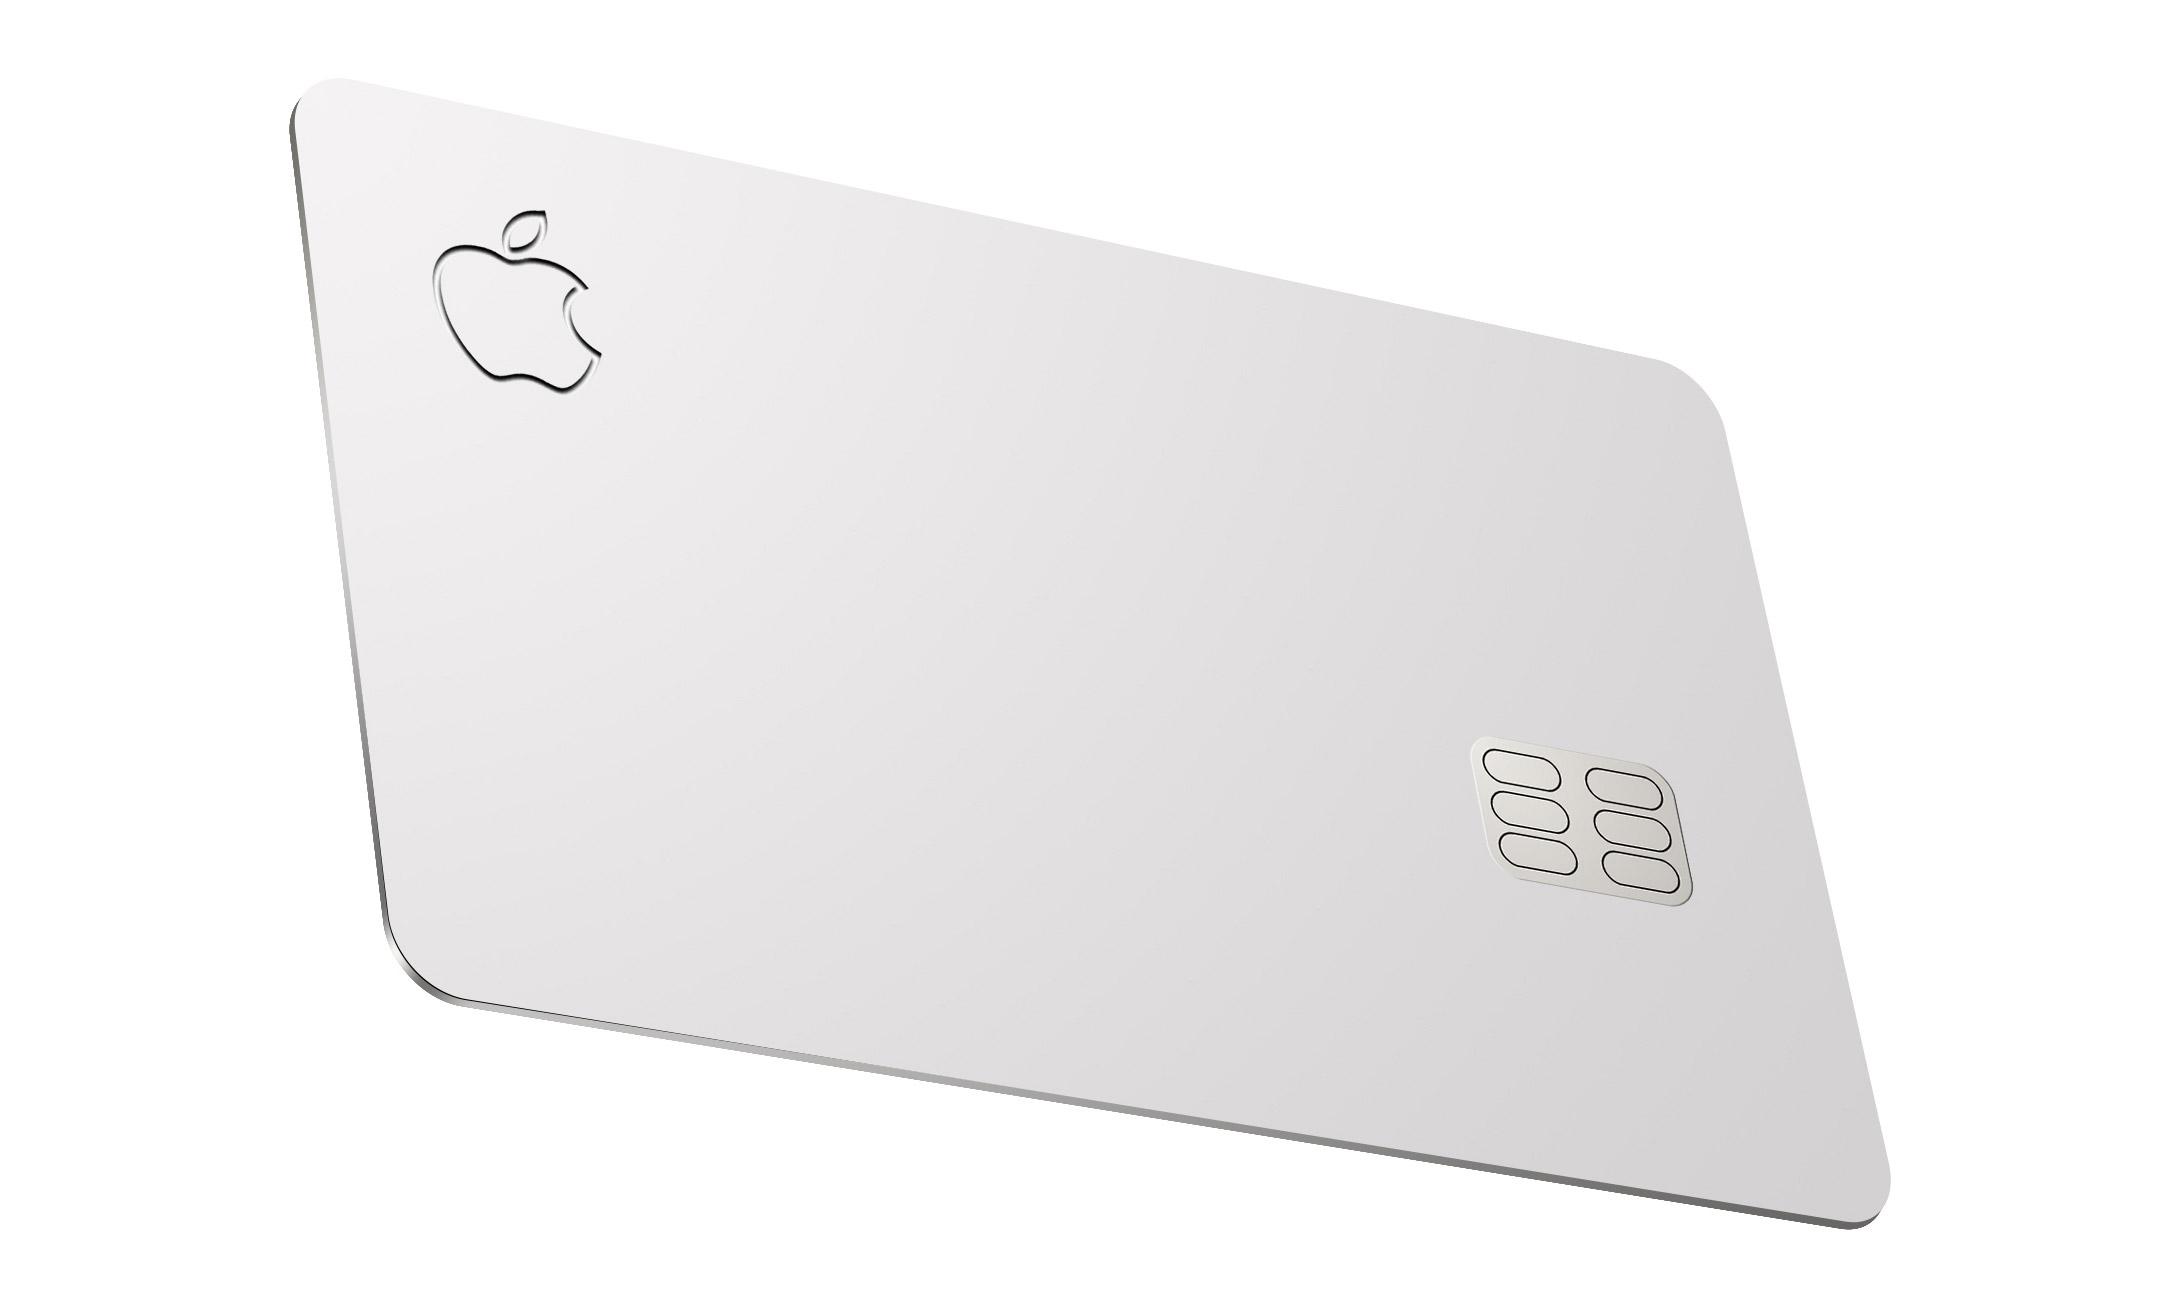 """想让 Apple Card 保持光鲜?苹果建议你给予它 """"精心呵护"""""""